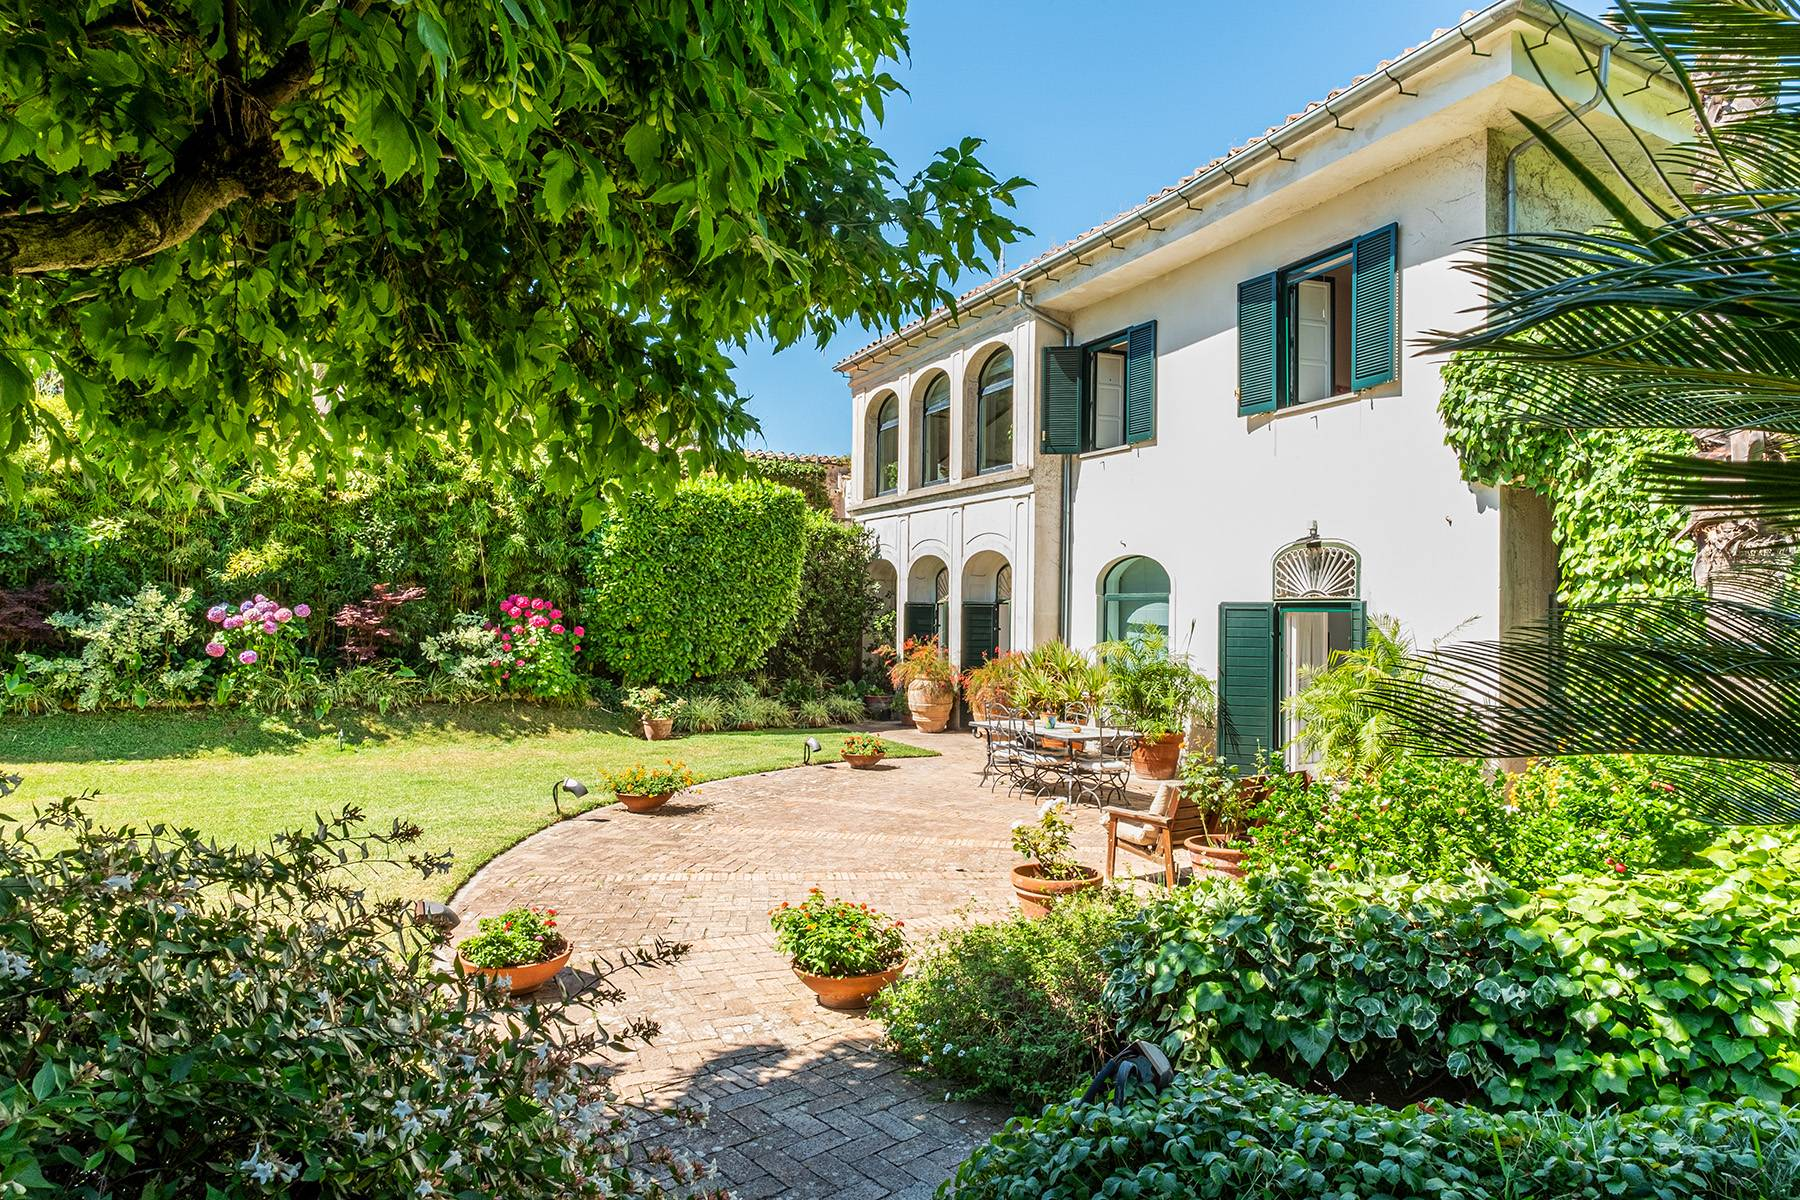 Historisches Anwesen im Grünen mit atemberaubendem Blick auf den Golf von Vietri - 1